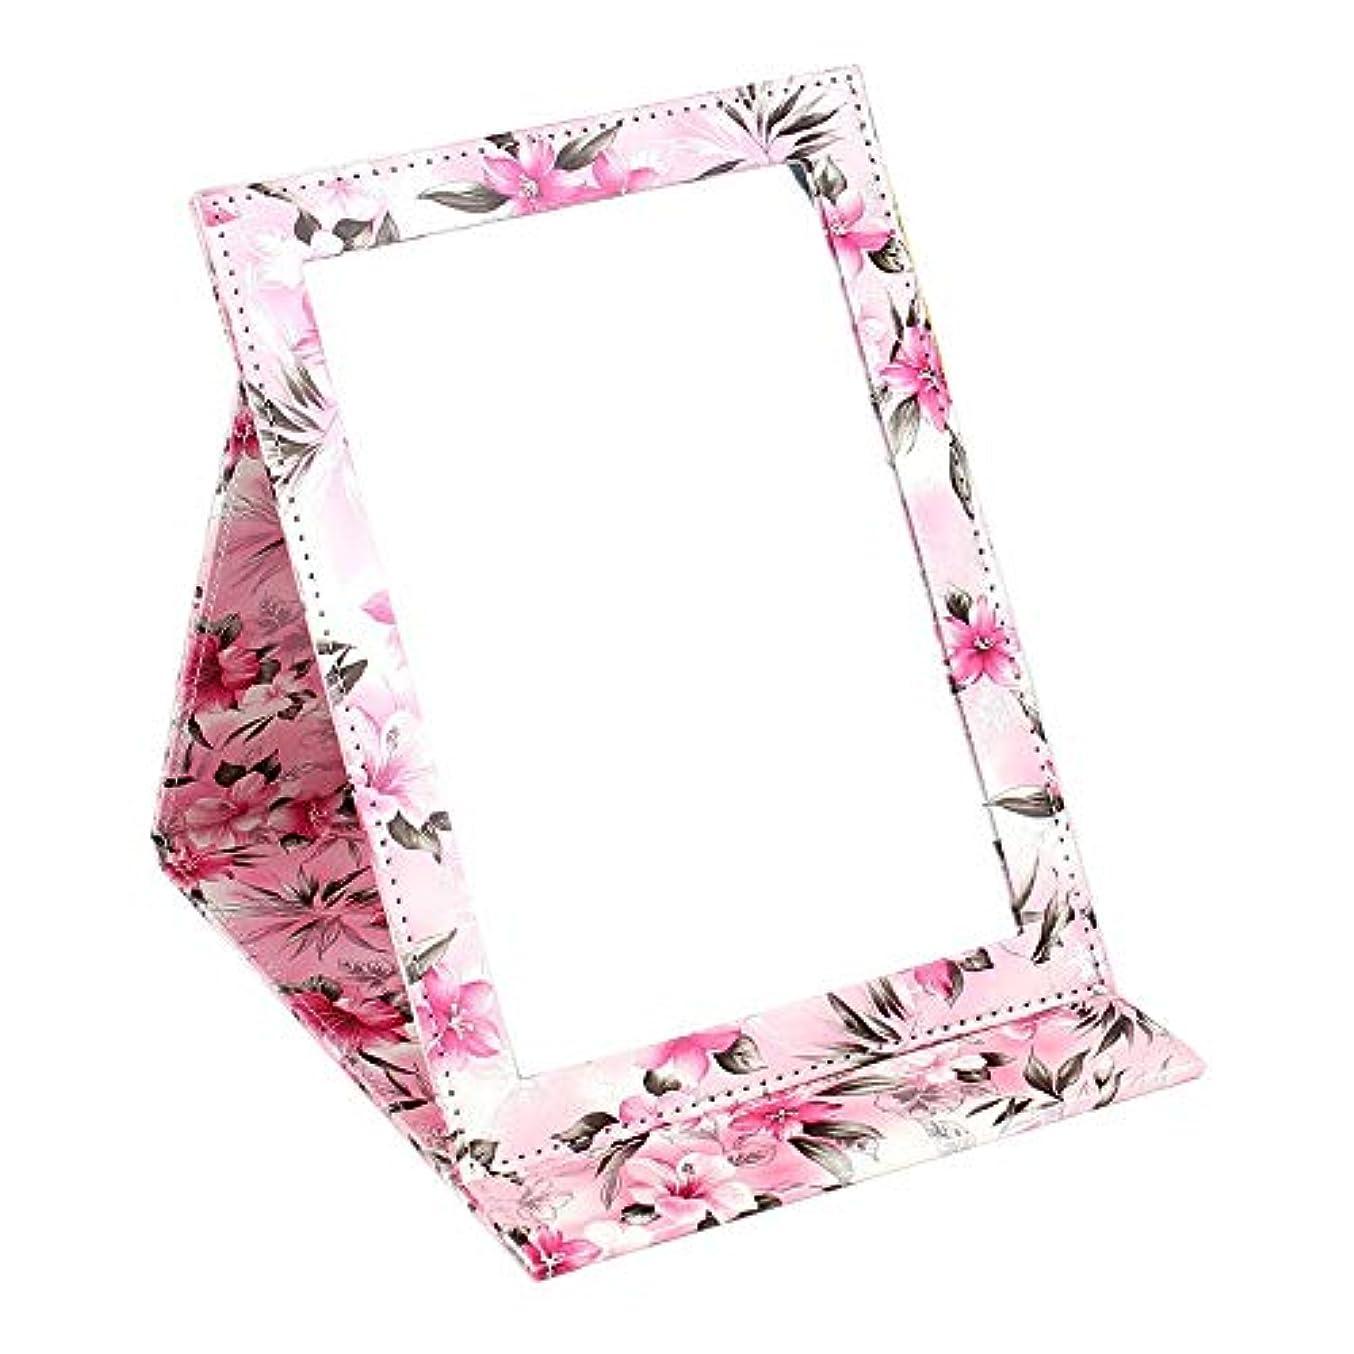 ディスク戻る全能YummyBuy 化粧ミラー 折りたたみ ミラー 鏡 卓上 化粧 化粧鏡 角度調整自由自在 上質PUレザー使用(クロコダイル?パターン、2サイズ) (大きなサイズ, ハッピーカラー)